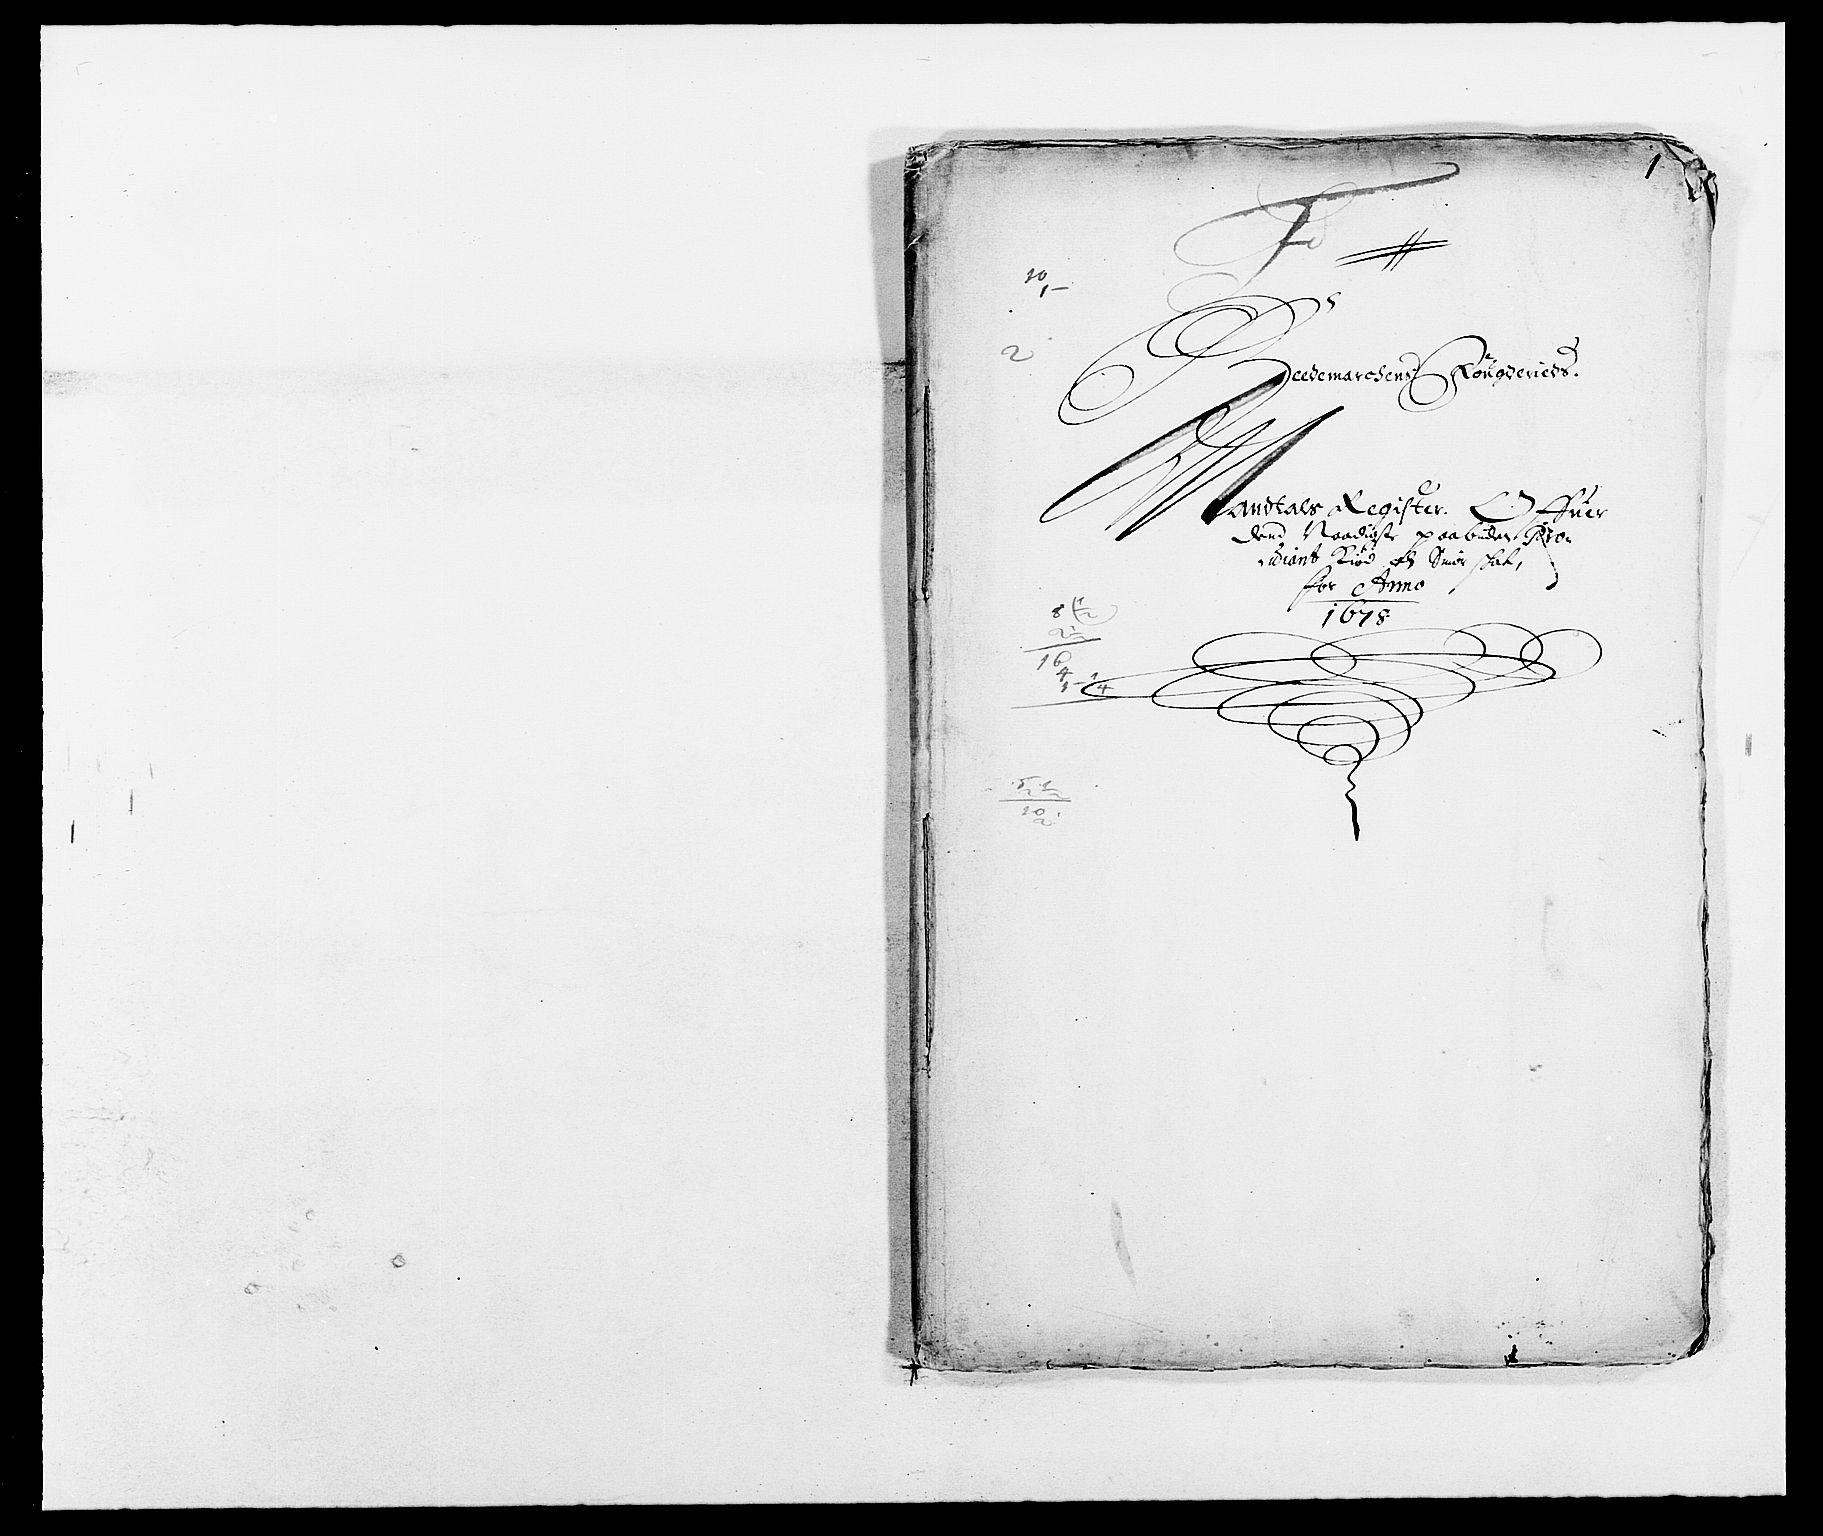 RA, Rentekammeret inntil 1814, Reviderte regnskaper, Fogderegnskap, R16/L1017: Fogderegnskap Hedmark, 1678-1679, s. 226